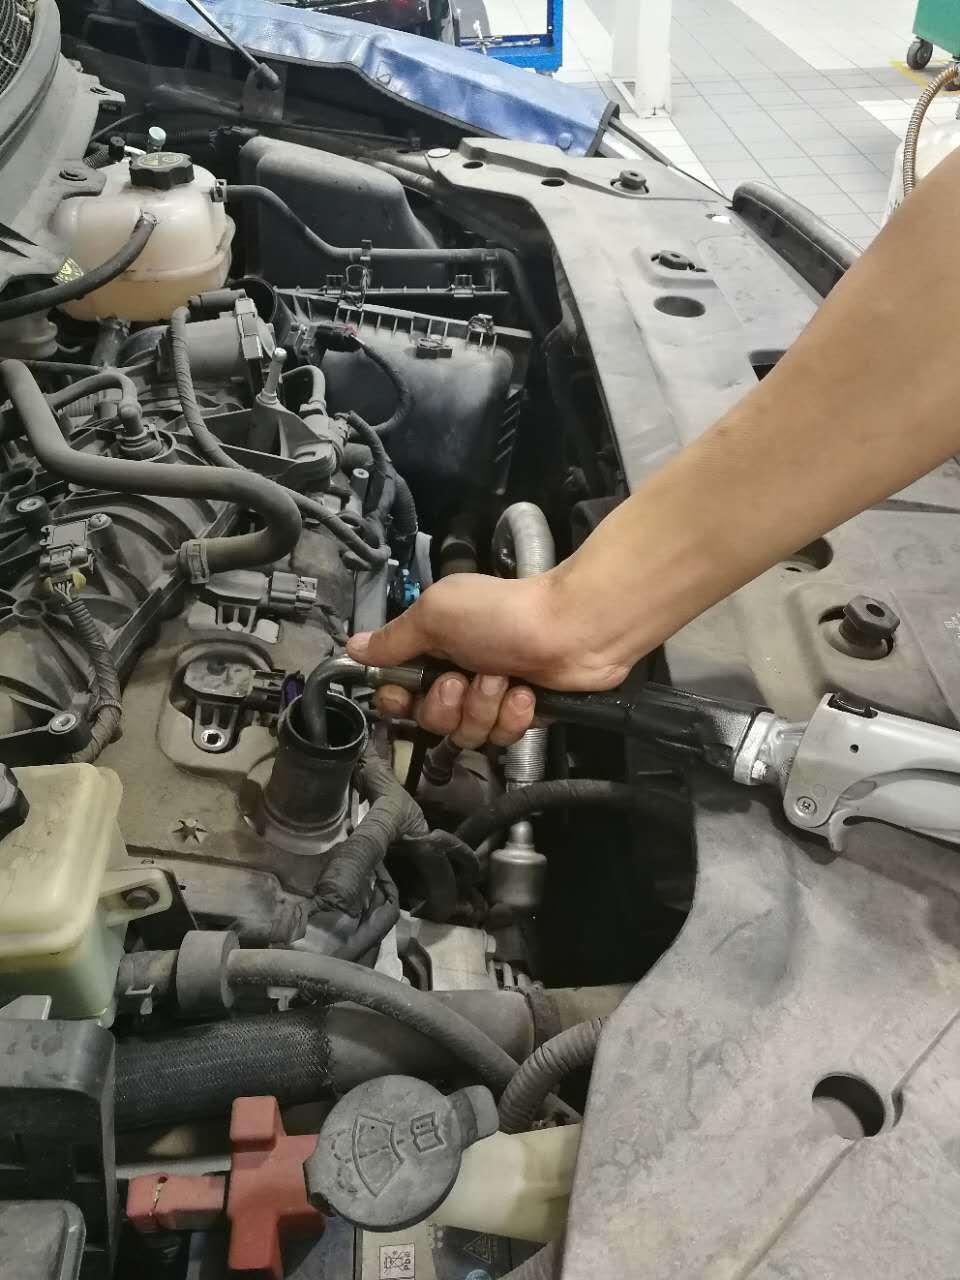 如何彻底更换机油:要换就换的彻底,抽机油没毛病!